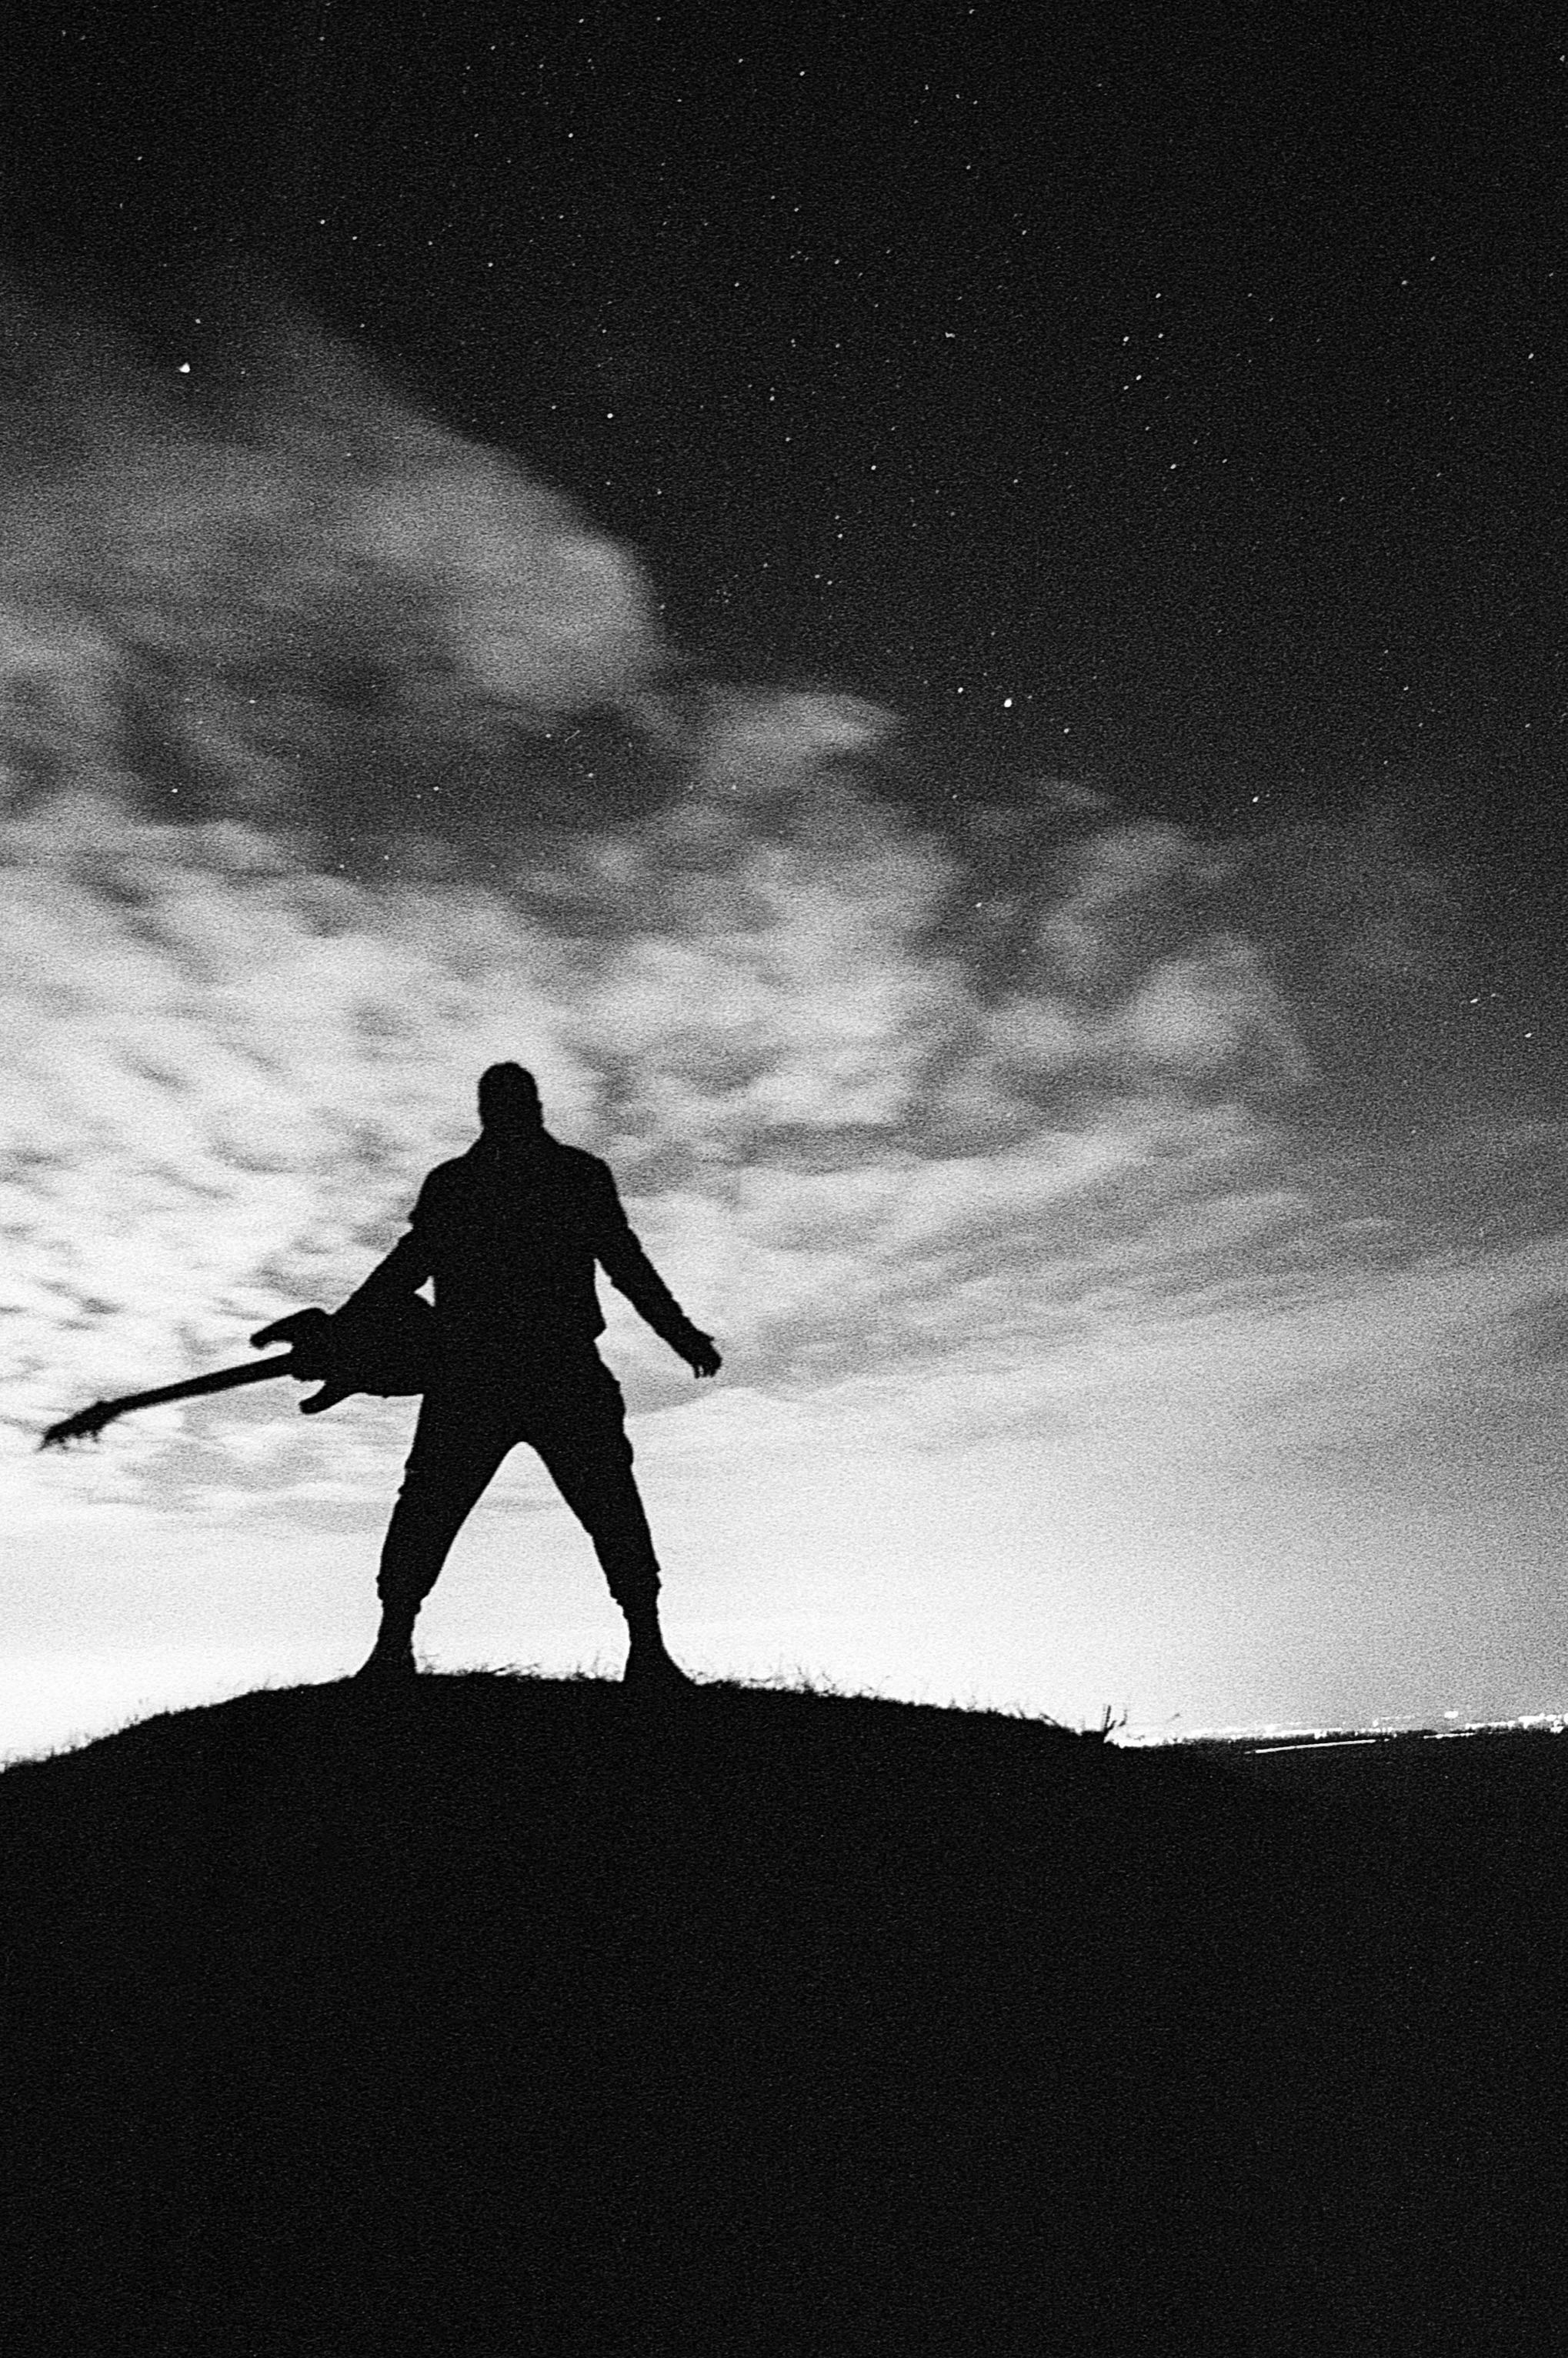 тень мужчины в одиночном полете картинки прошлого сезона